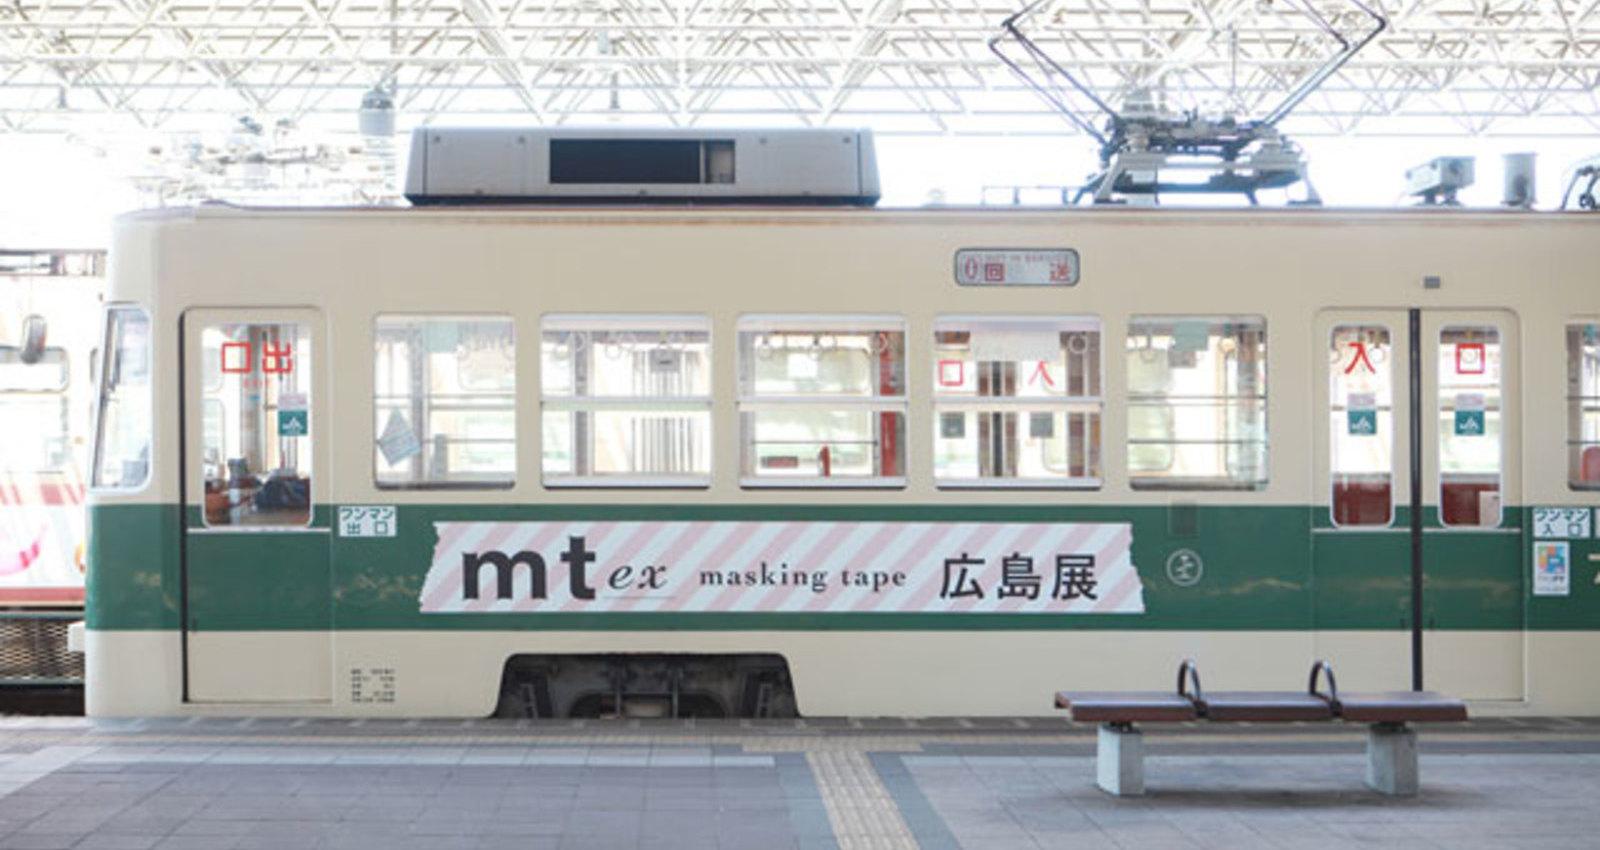 mt train